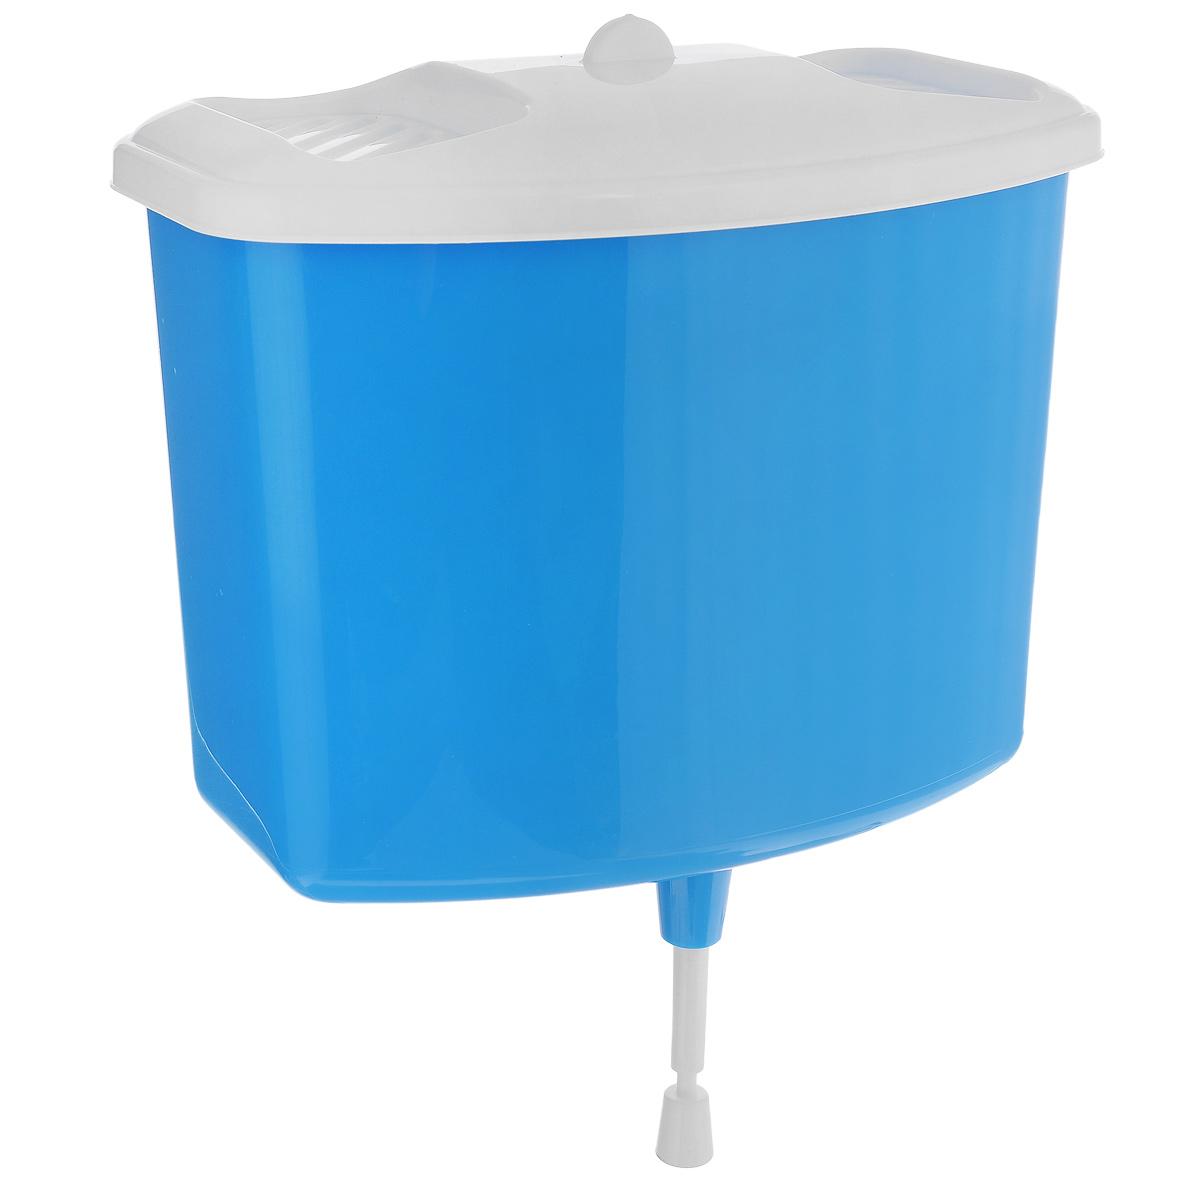 Рукомойник Альтернатива, цвет: голубой, 5 лМ367 голубойРукомойник Альтернатива изготовлен из пластика. Он предназначен для умывания в саду илина даче. Яркий и красочный, он отлично впишется в окружающую обстановку. Петлипредоставляют вертикальное крепление рукомойника. Изделие оснащено крышкой, котораяпредотвращает попадание мусора. Также на крышке имеет две выемки для мыла.Рукомойник Альтернатива надежный и удобный в использовании. Размер рукомойника: 26,5 см х 15 см. Высота (без учета крышки): 23 см.